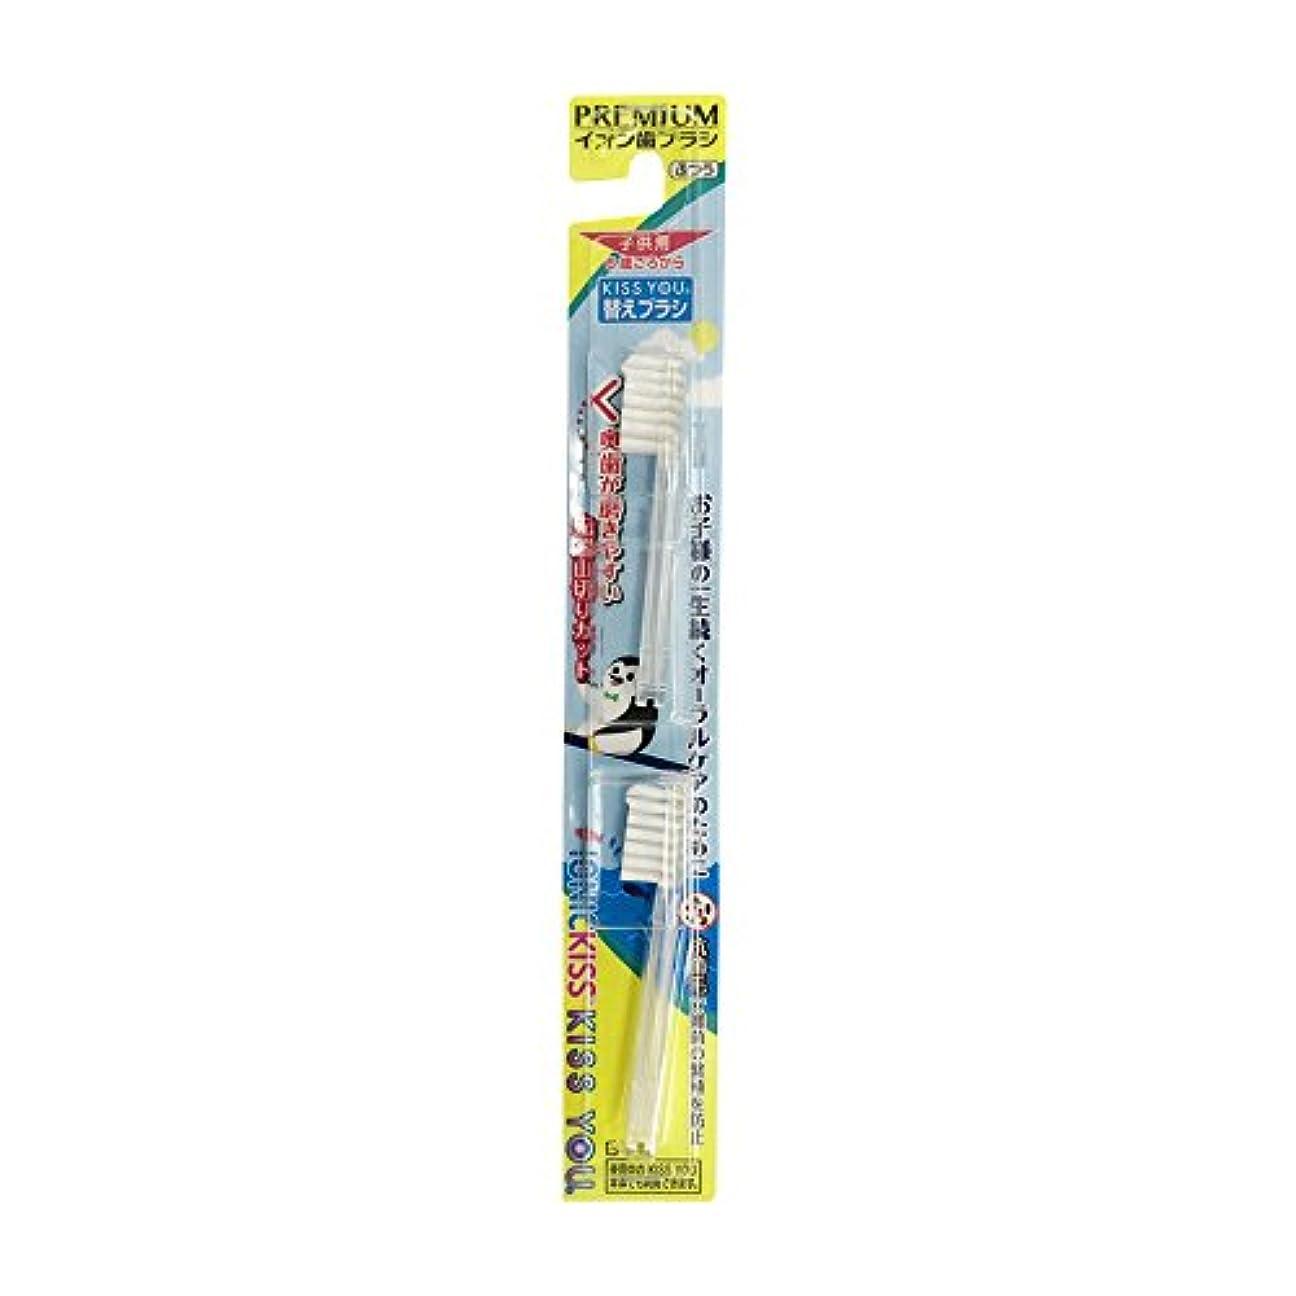 ラッシュ名誉ある特性スマート キスユー 子供歯ブラシ 替えブラシ 2P (2本)